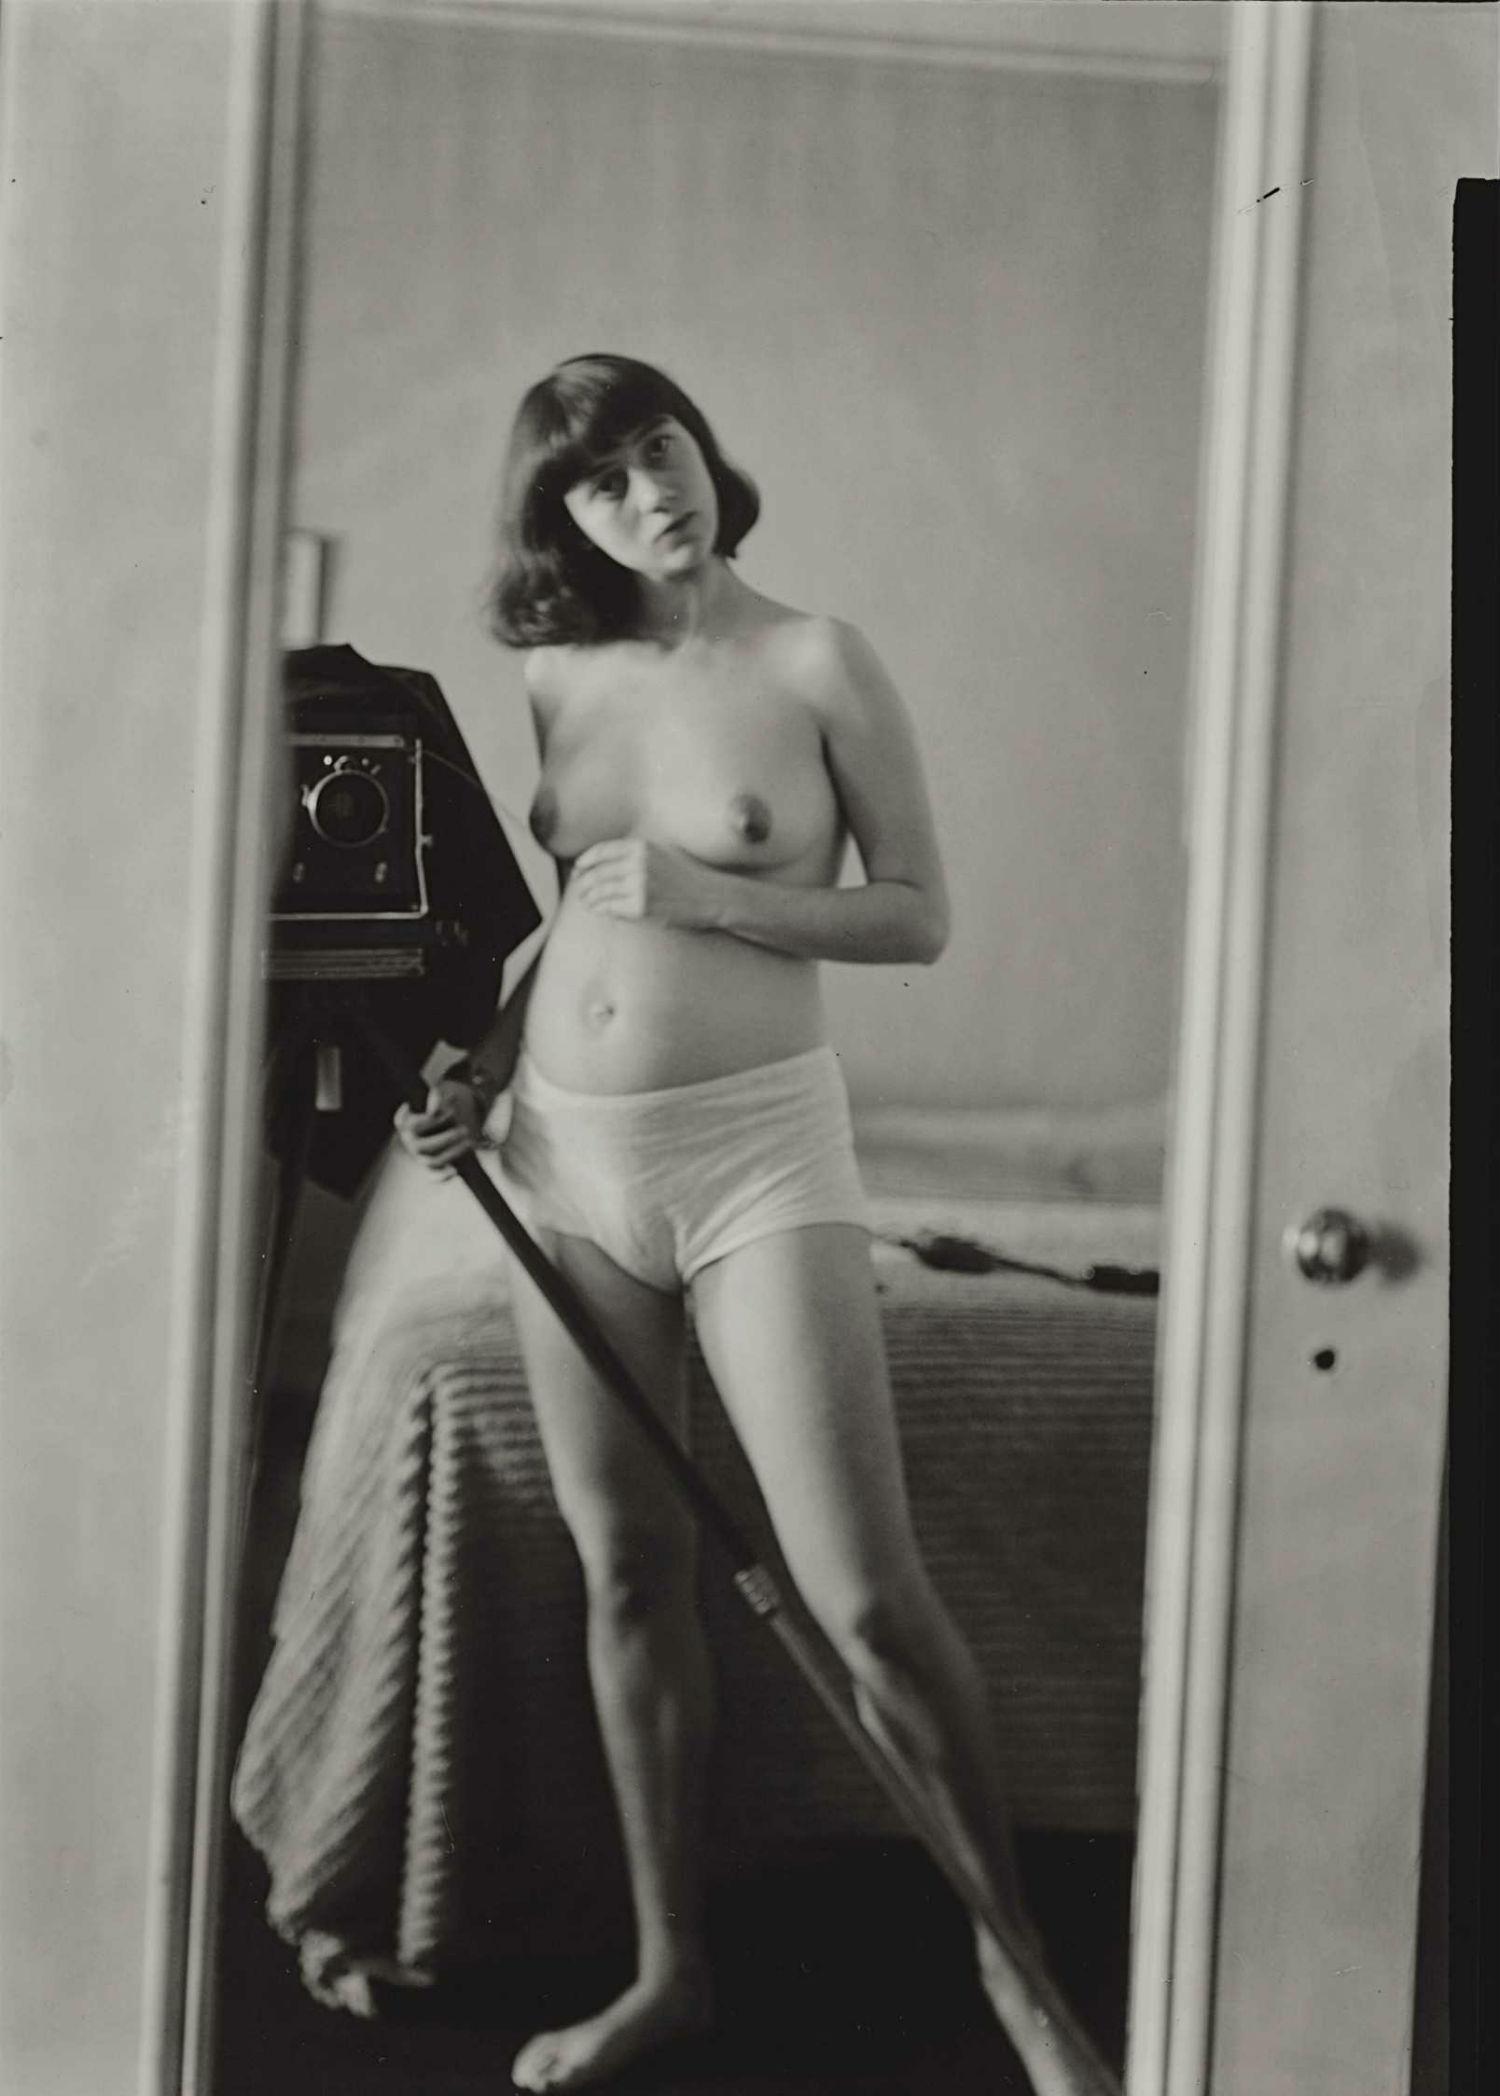 diane arbus nude self portrait mirror